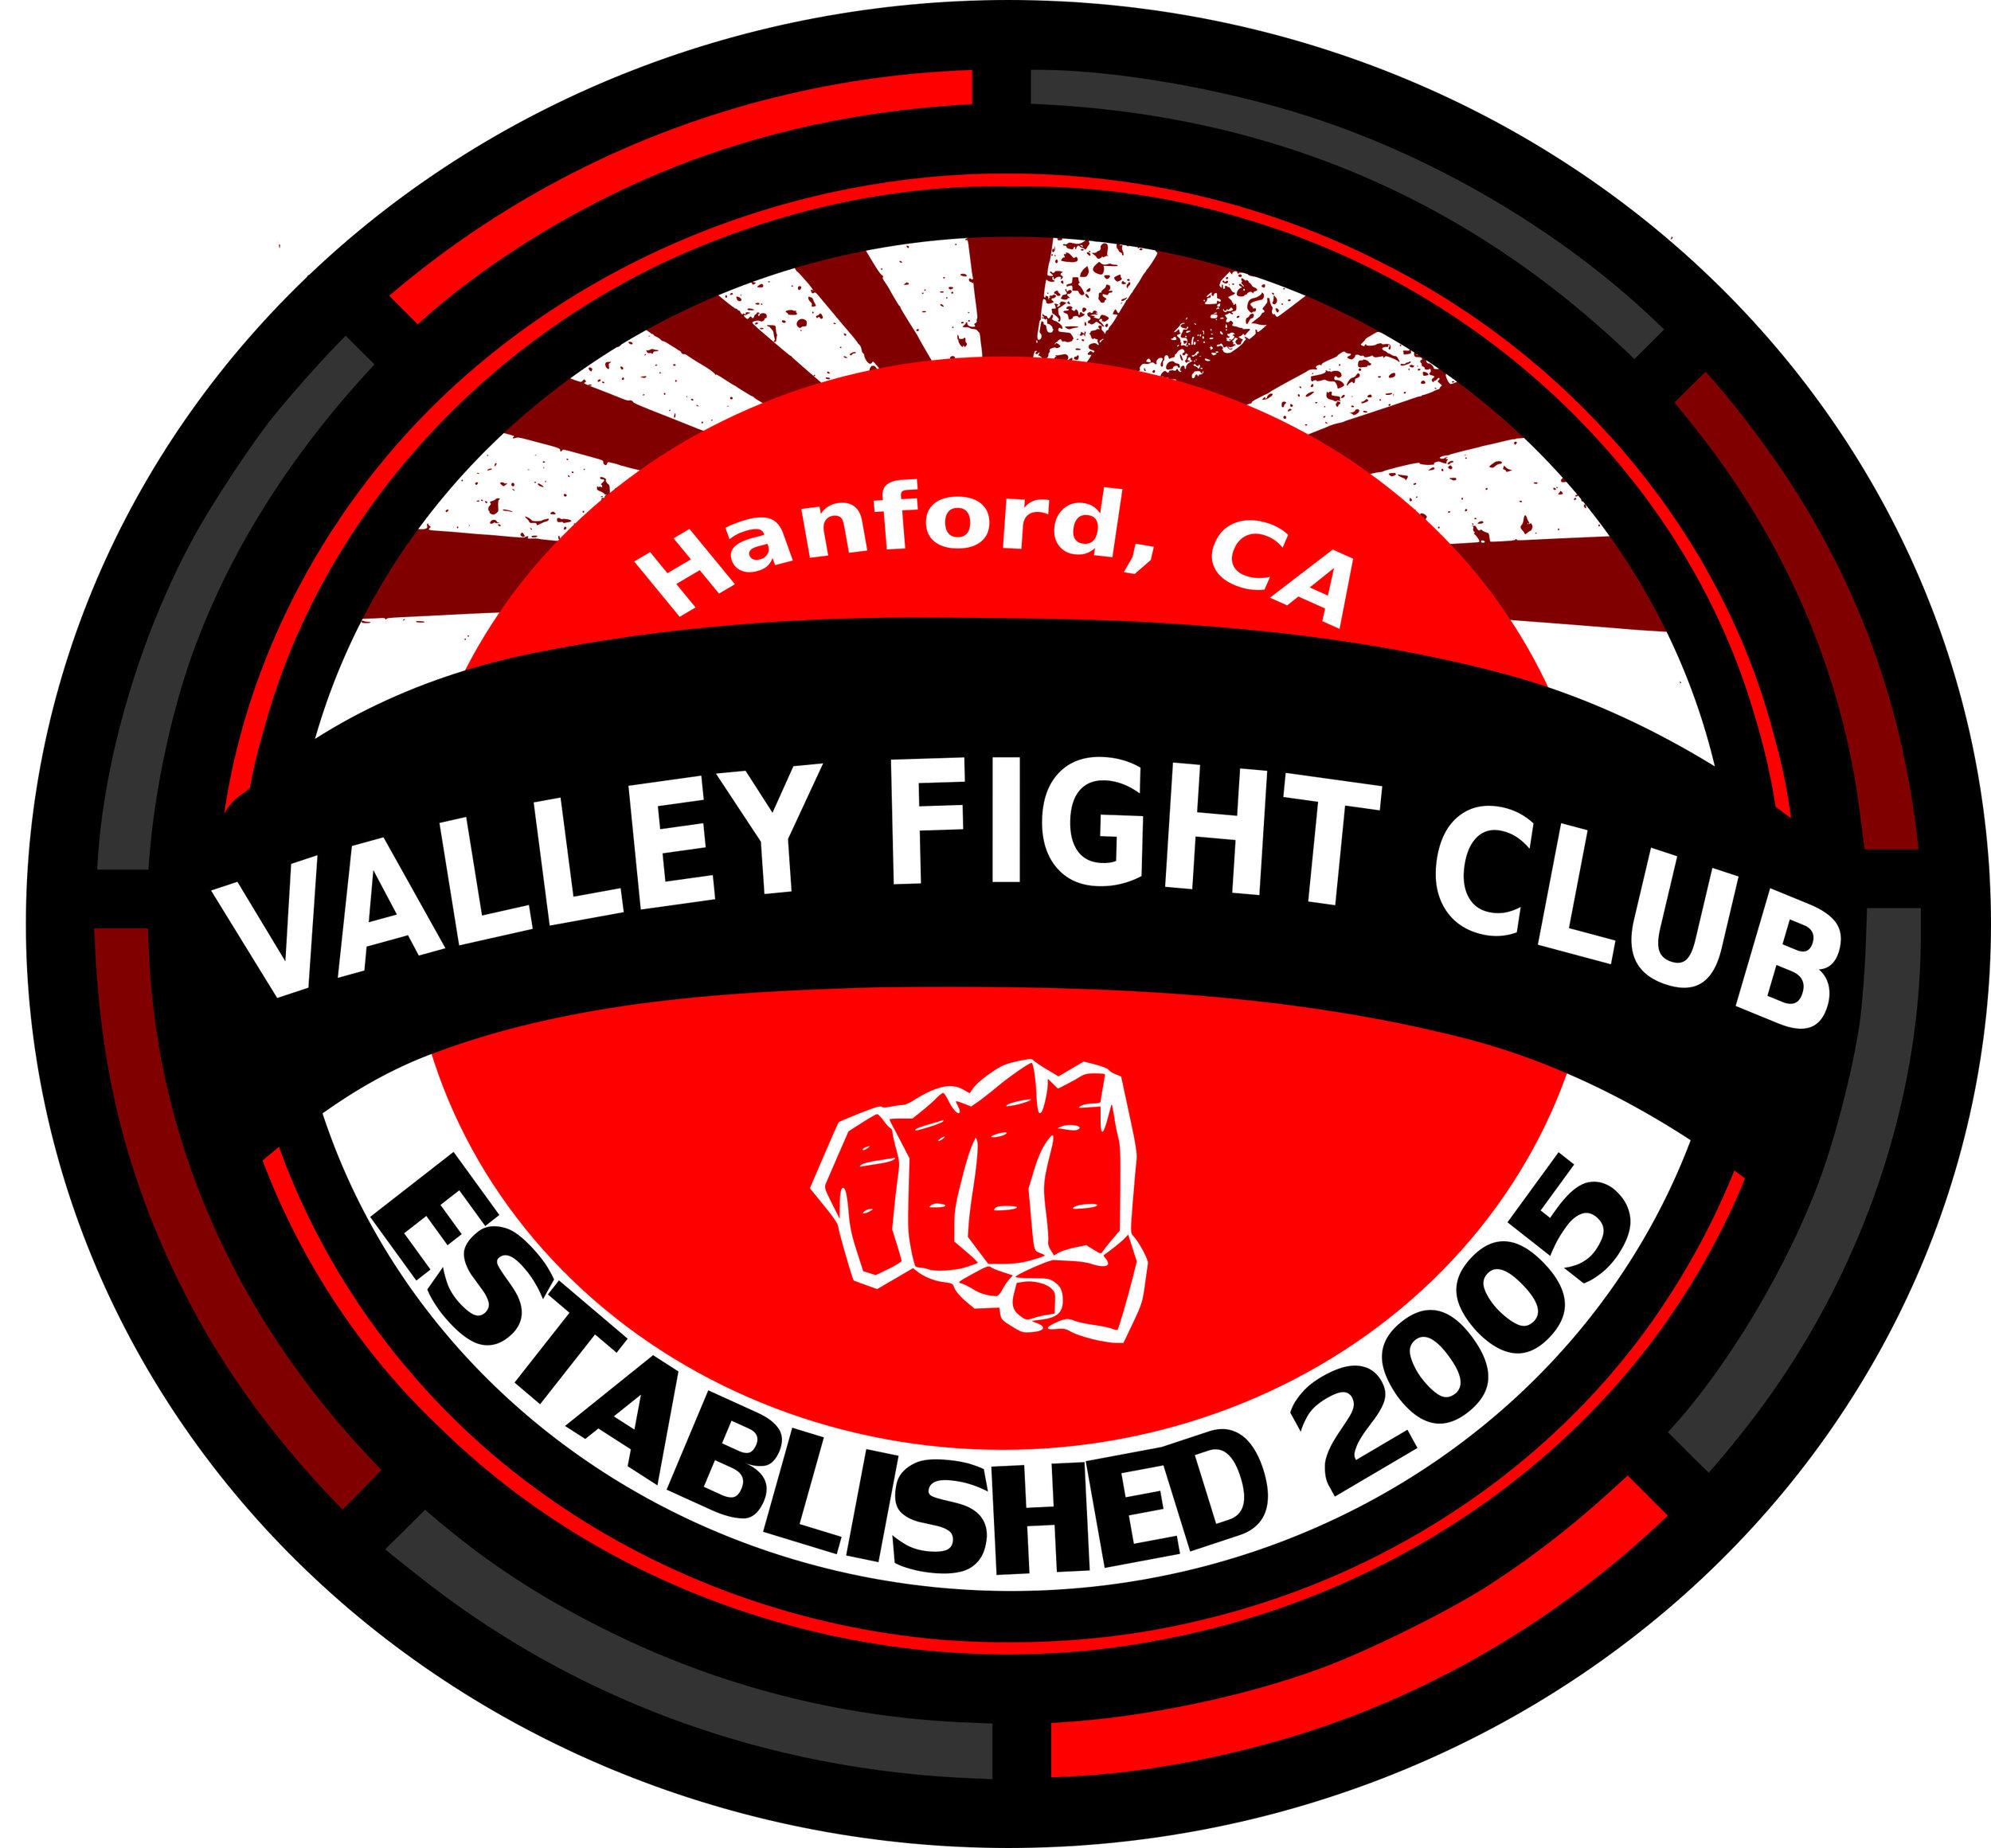 VFC logo 2 - Copy.jpg